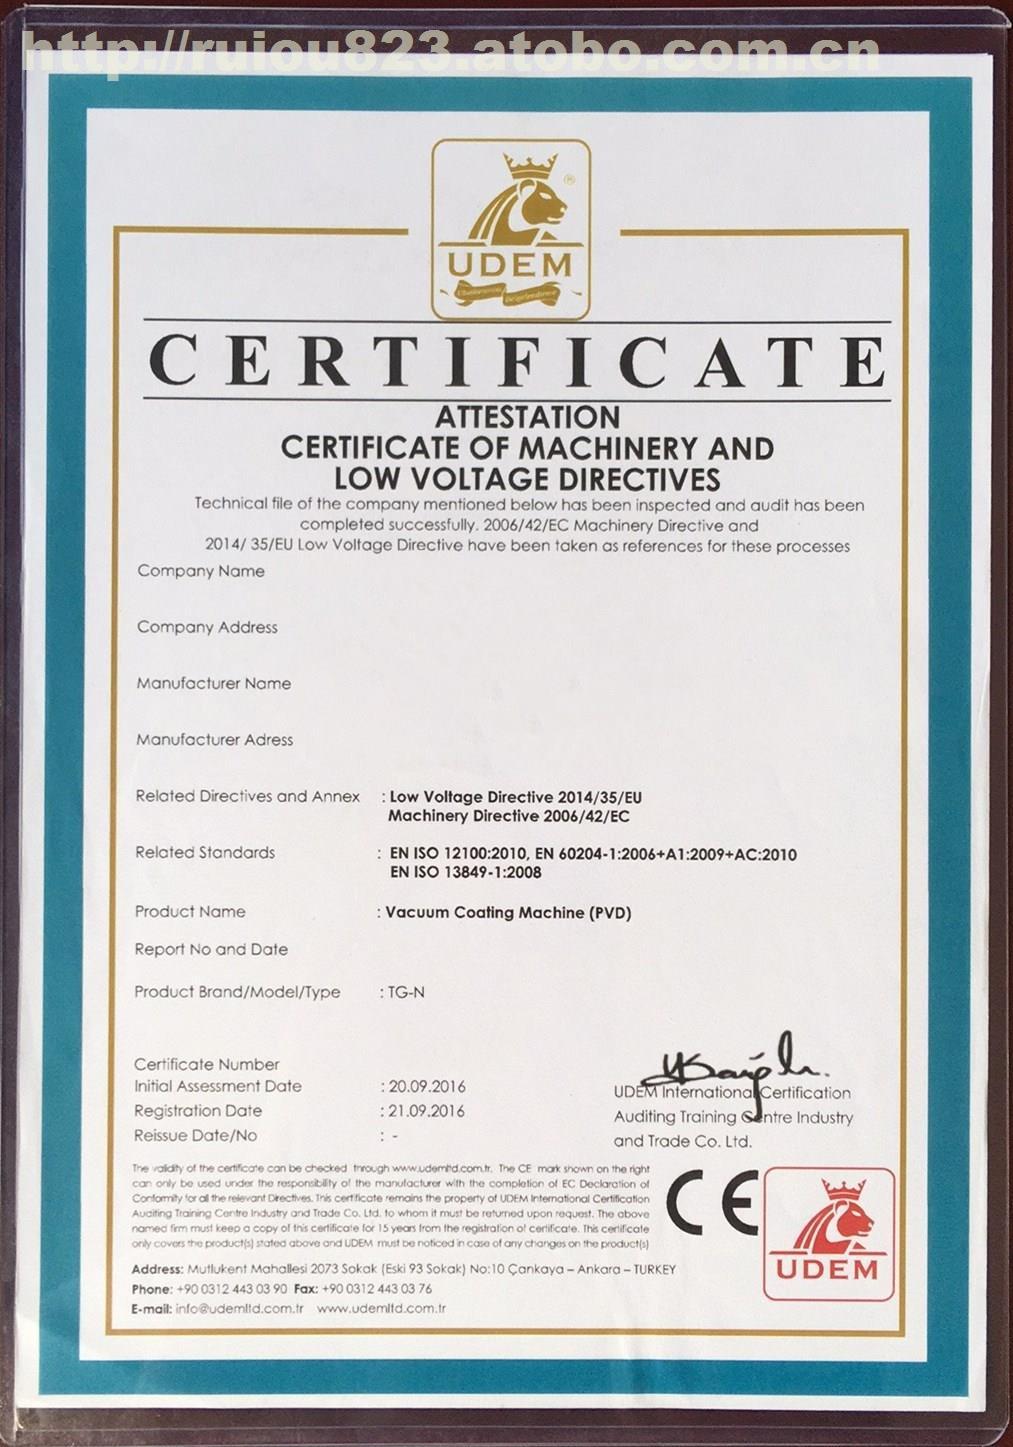 国际公告机构ce证书_佛山市瑞欧检测技术服务有限公司